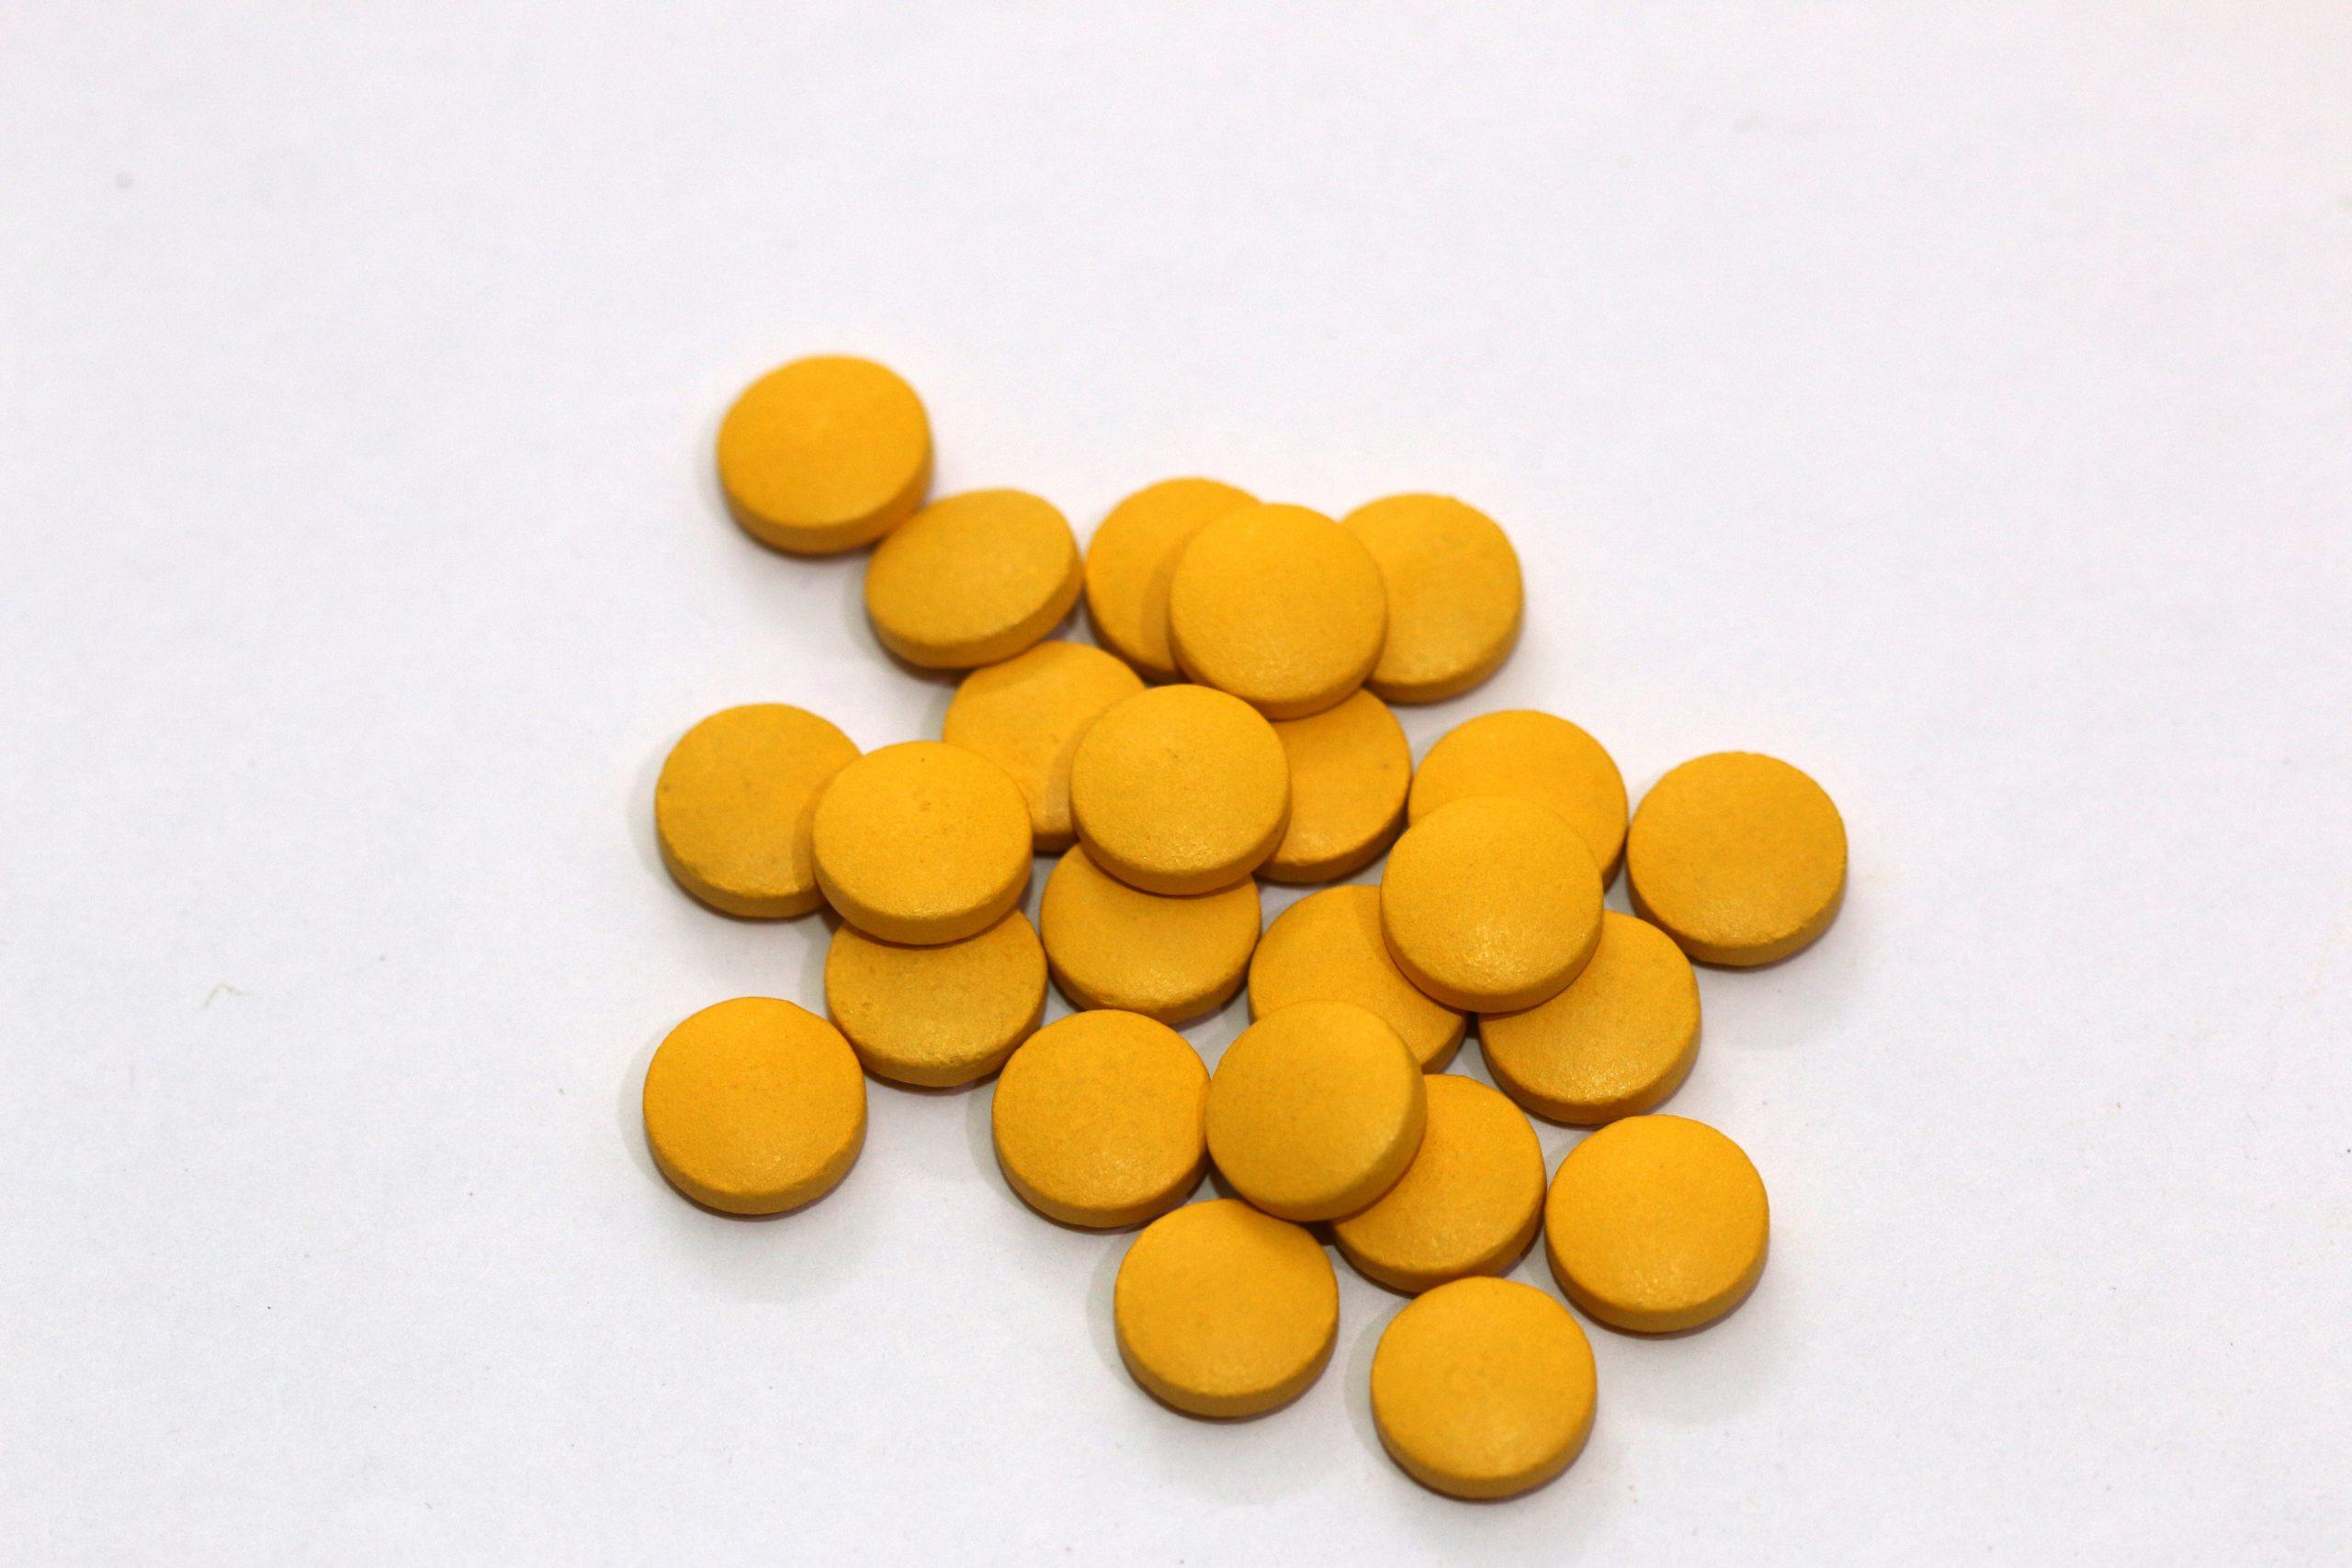 Yellow pills.